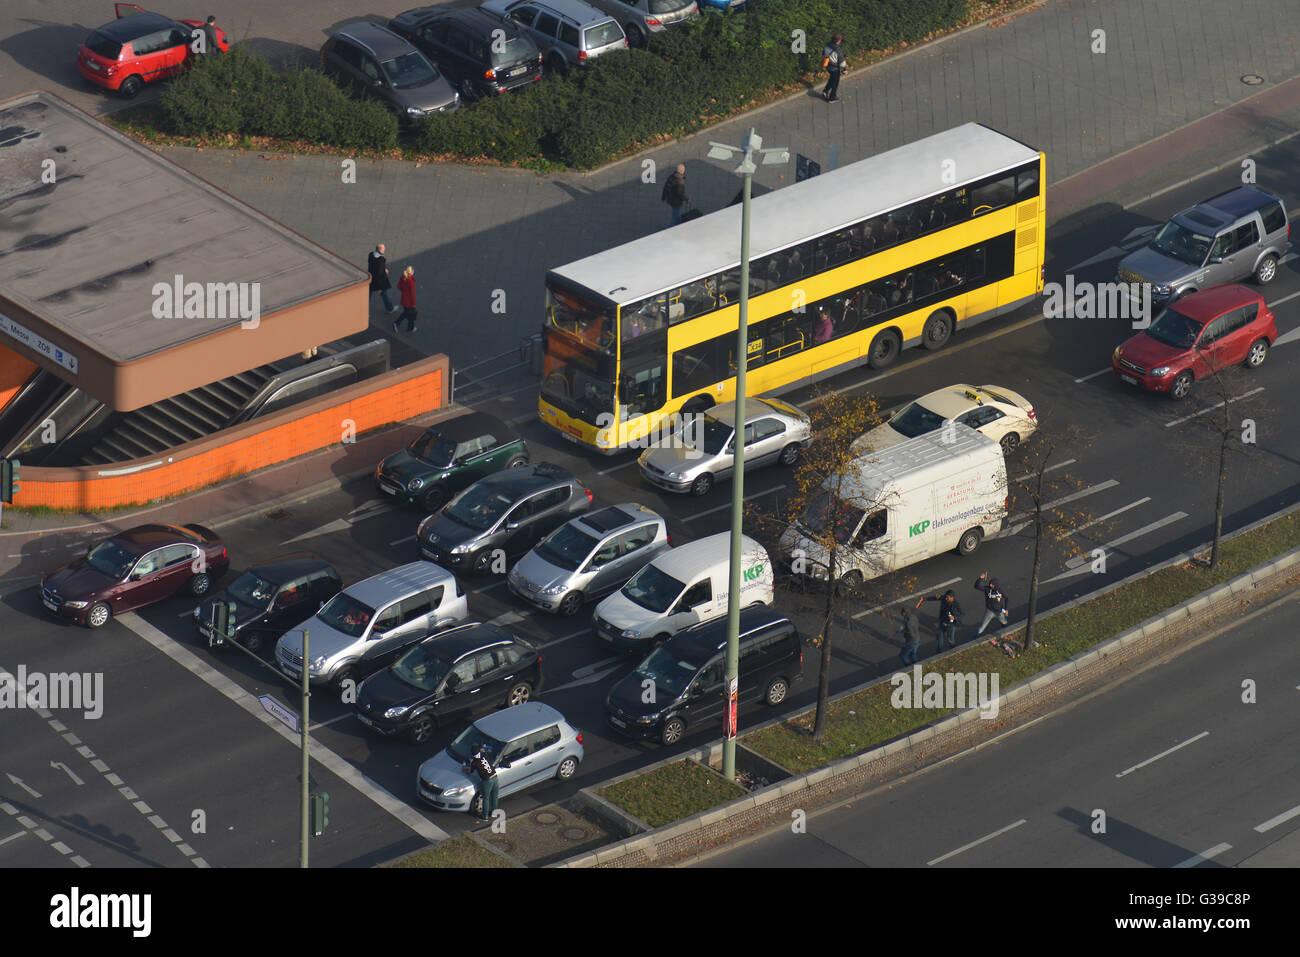 Bus, Strassenverkehr, Kantstrasse, Charlottenburg, Berlin, Deutschland - Stock Image